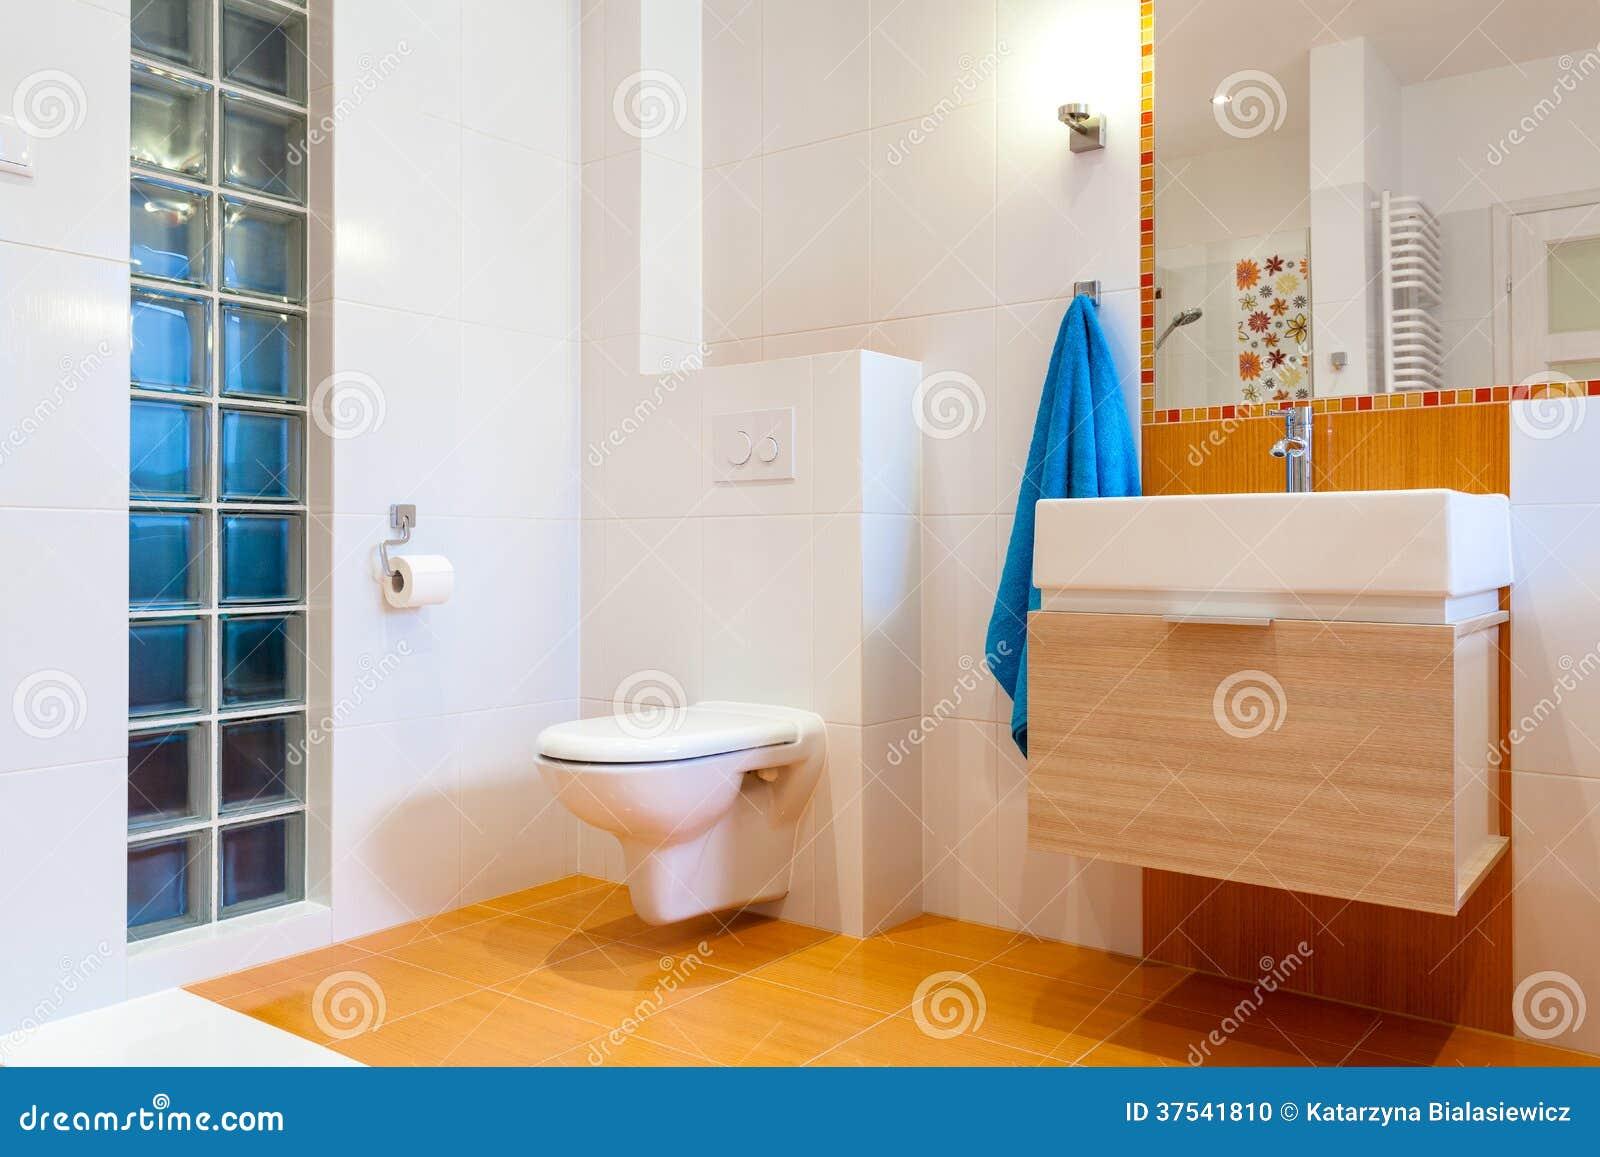 Nieuwe praktische badkamers in modern huis stock foto afbeelding 37541810 - Badkamer meubilair ontwerp eigentijds ...